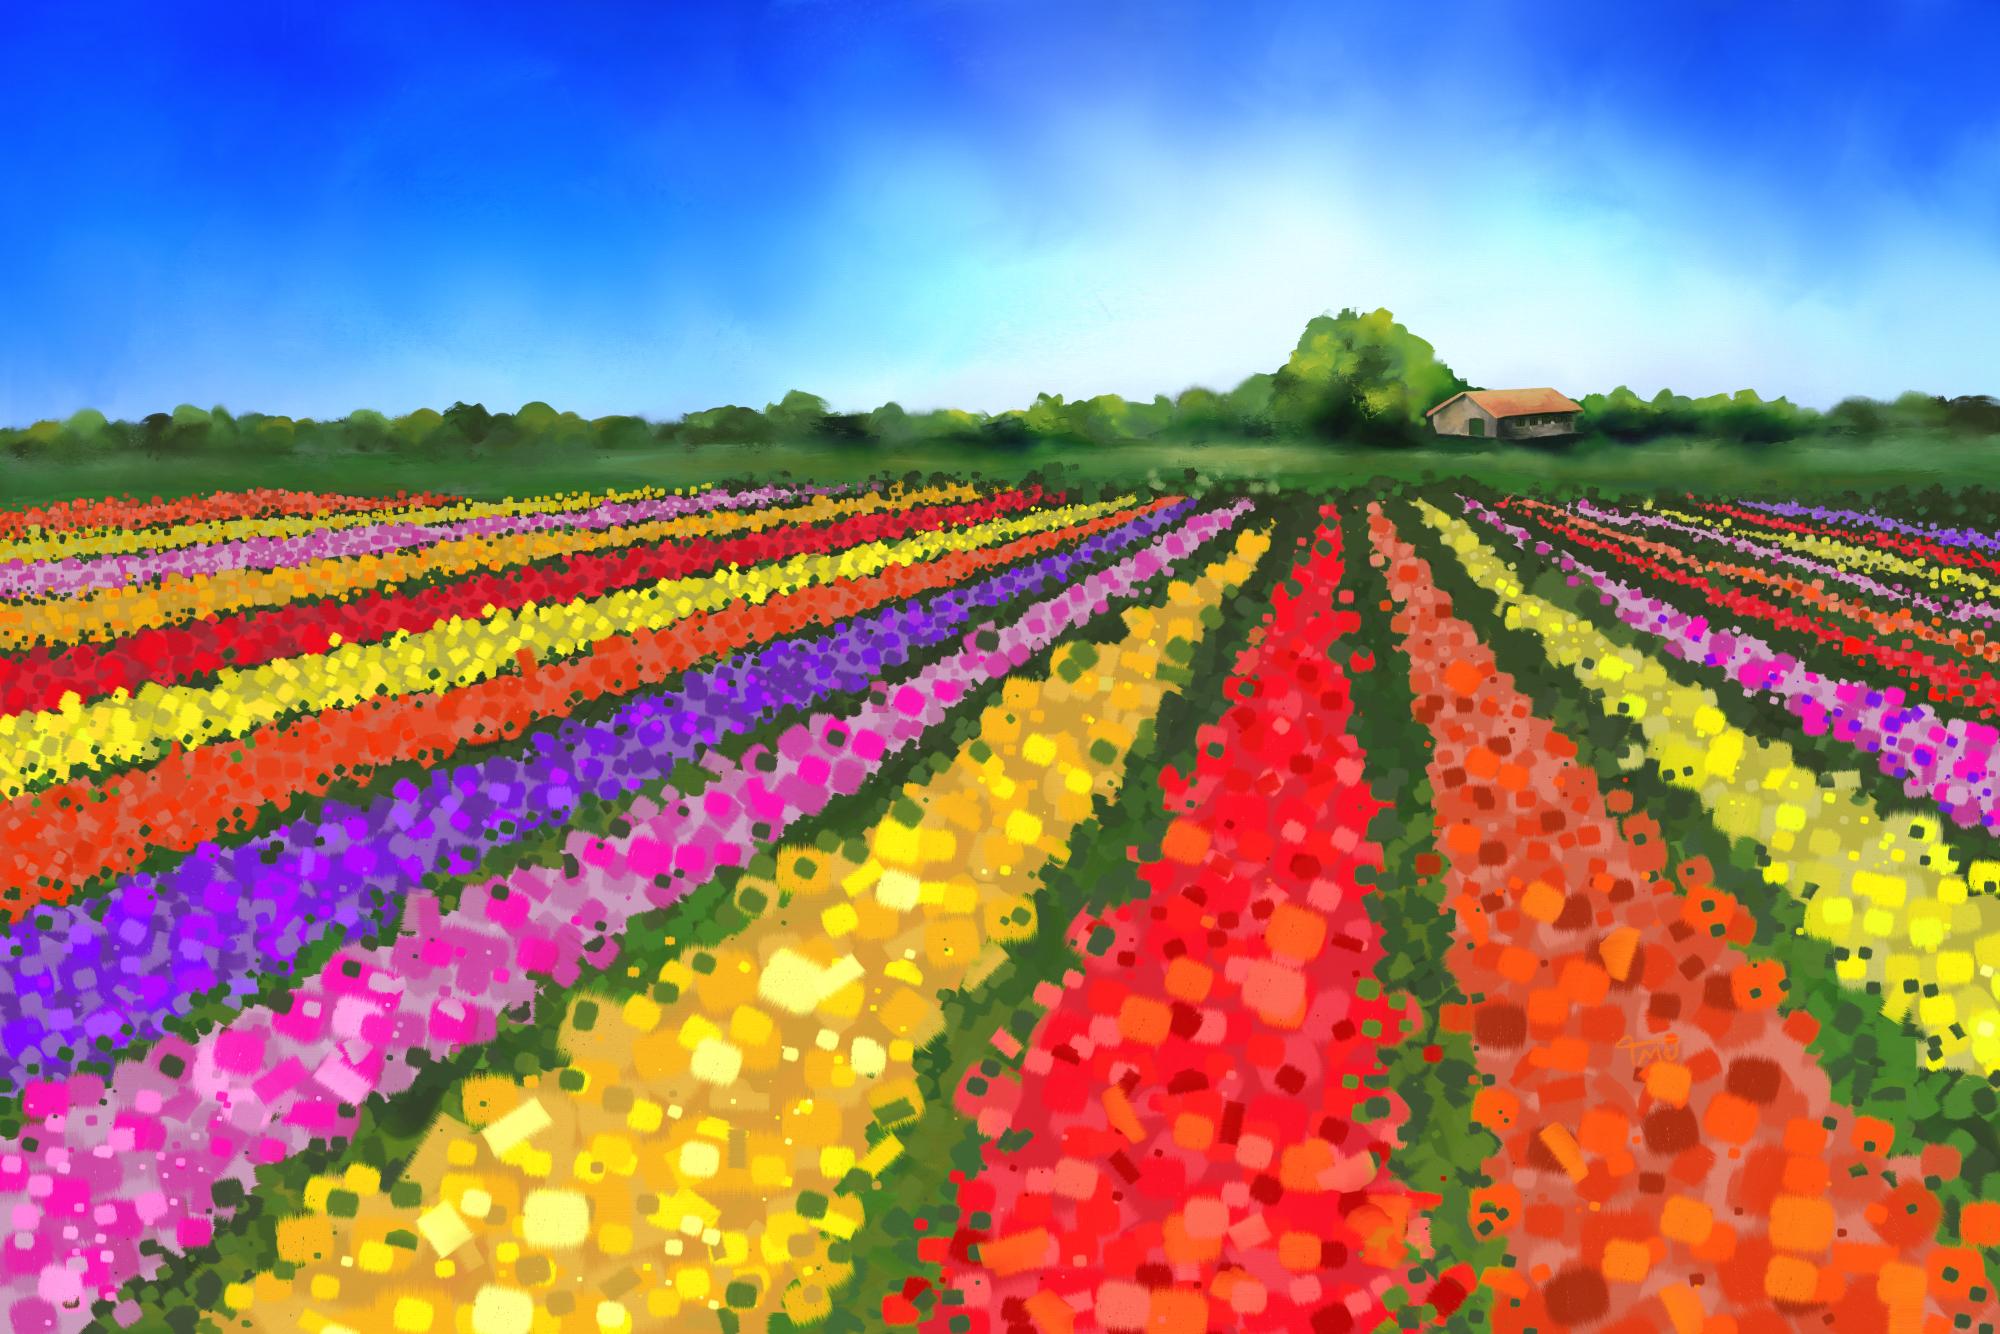 Digital acrylic painting Dutch Tulip Fields with Farm House